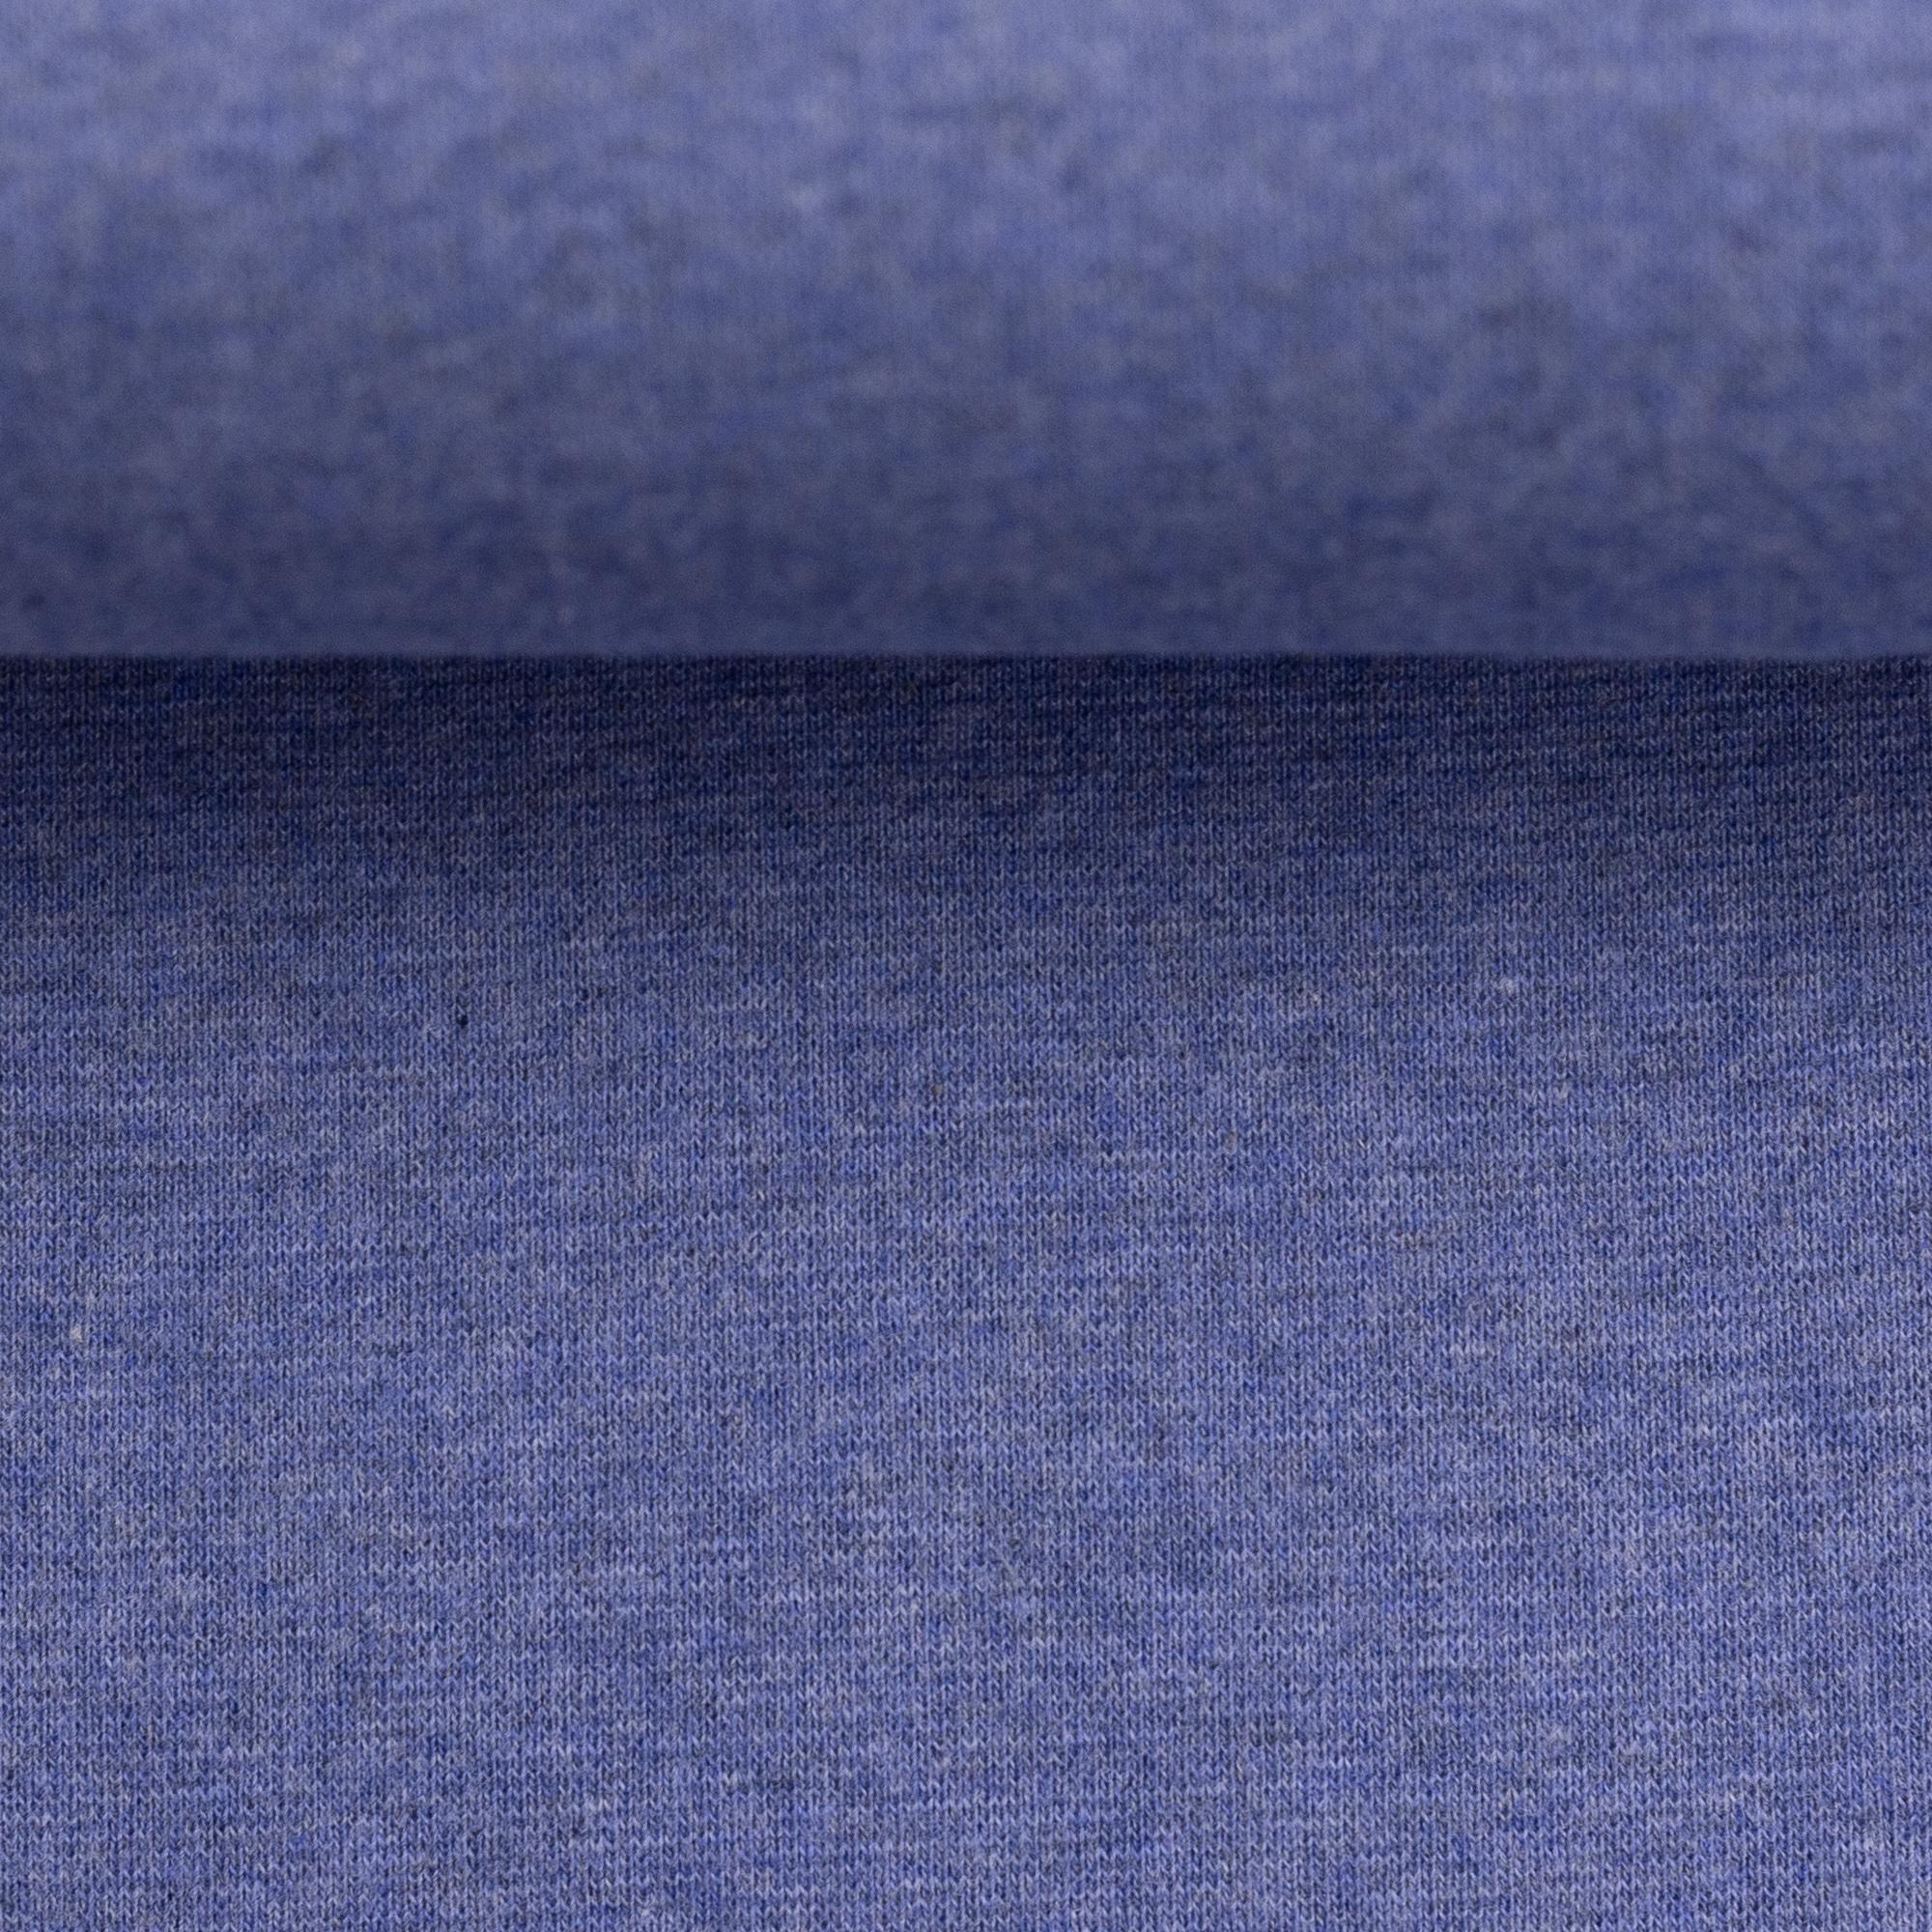 Boordstof - Jeans mélange-3